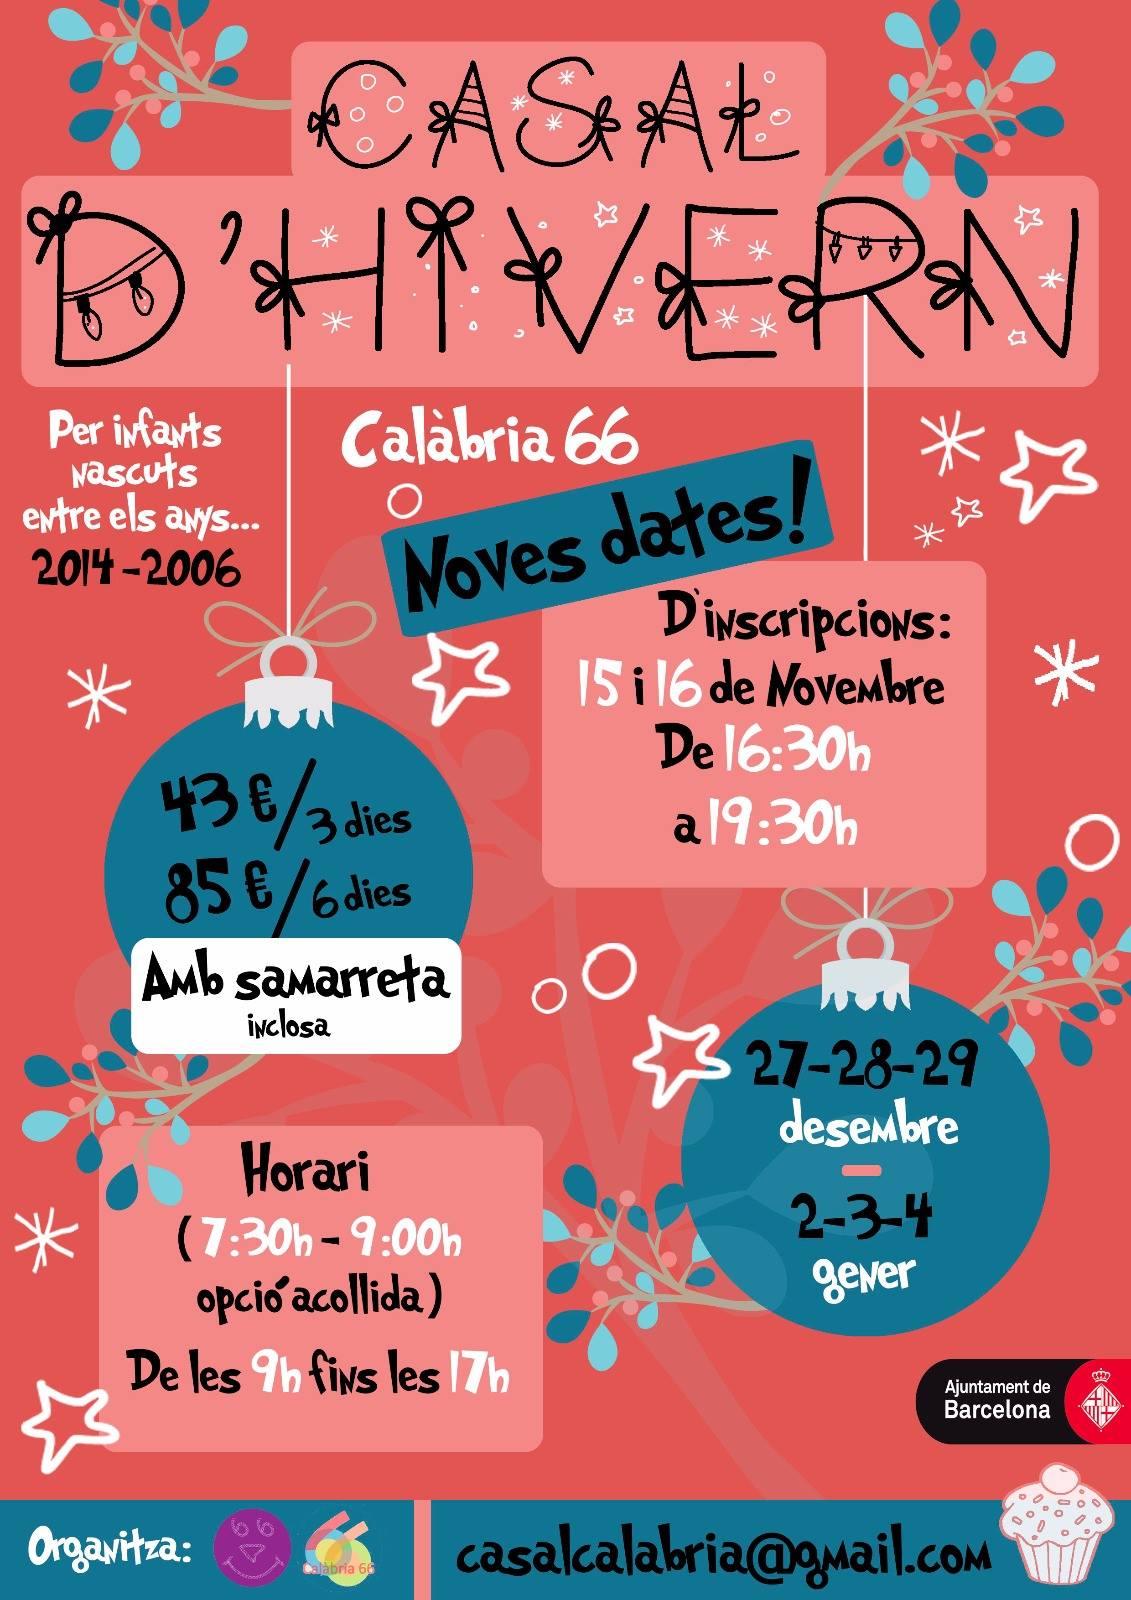 Casal d'Hivern – Calàbria66